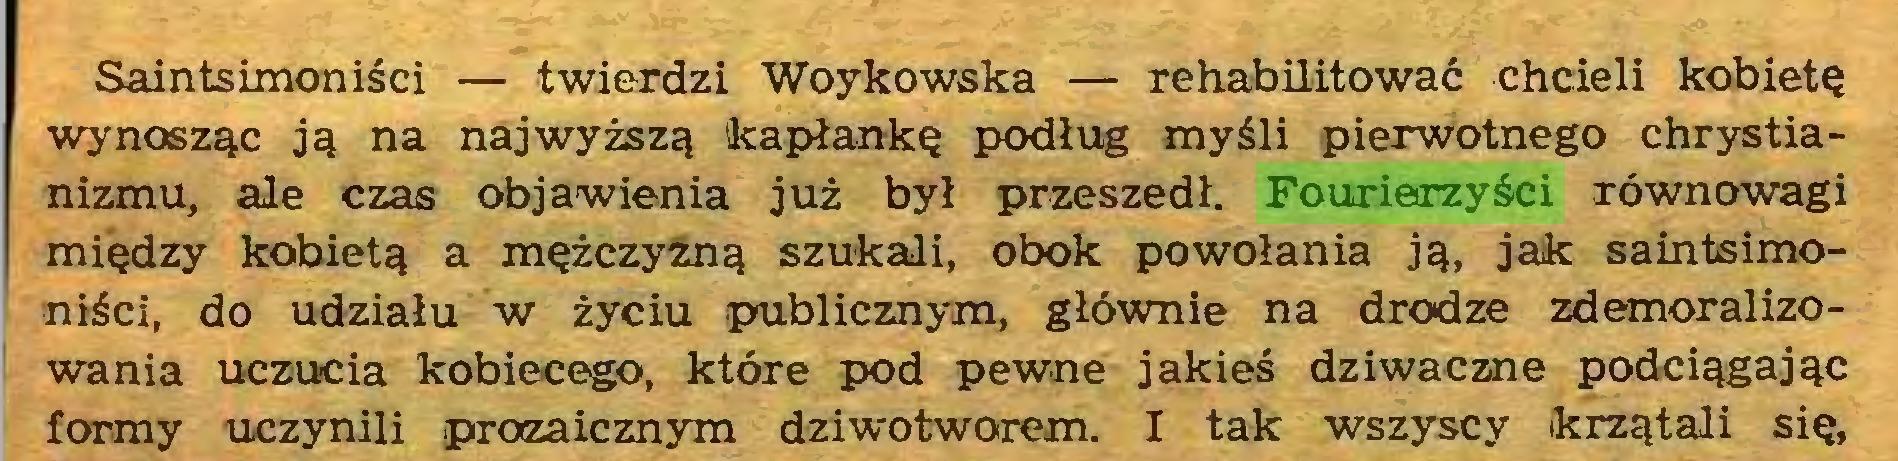 (...) Saintsimoniści — twierdzi Woykowska — rehabilitować chcieli kobietę wynosząc ją na najwyższą kapłankę podług myśli pierwotnego chrystianizmu, ale czas objawienia już był przeszedł. Fourierzyści równowagi między kobietą a mężczyzną szukali, obok powołania ją, jak saintsimoniści, do udziału w życiu publicznym, głównie na drodze zdemoralizowania uczucia kobiecego, które pod pewne jakieś dziwaczne podciągając formy uczynili .prozaicznym dziwotworem. I tak wszyscy krzątali się,...